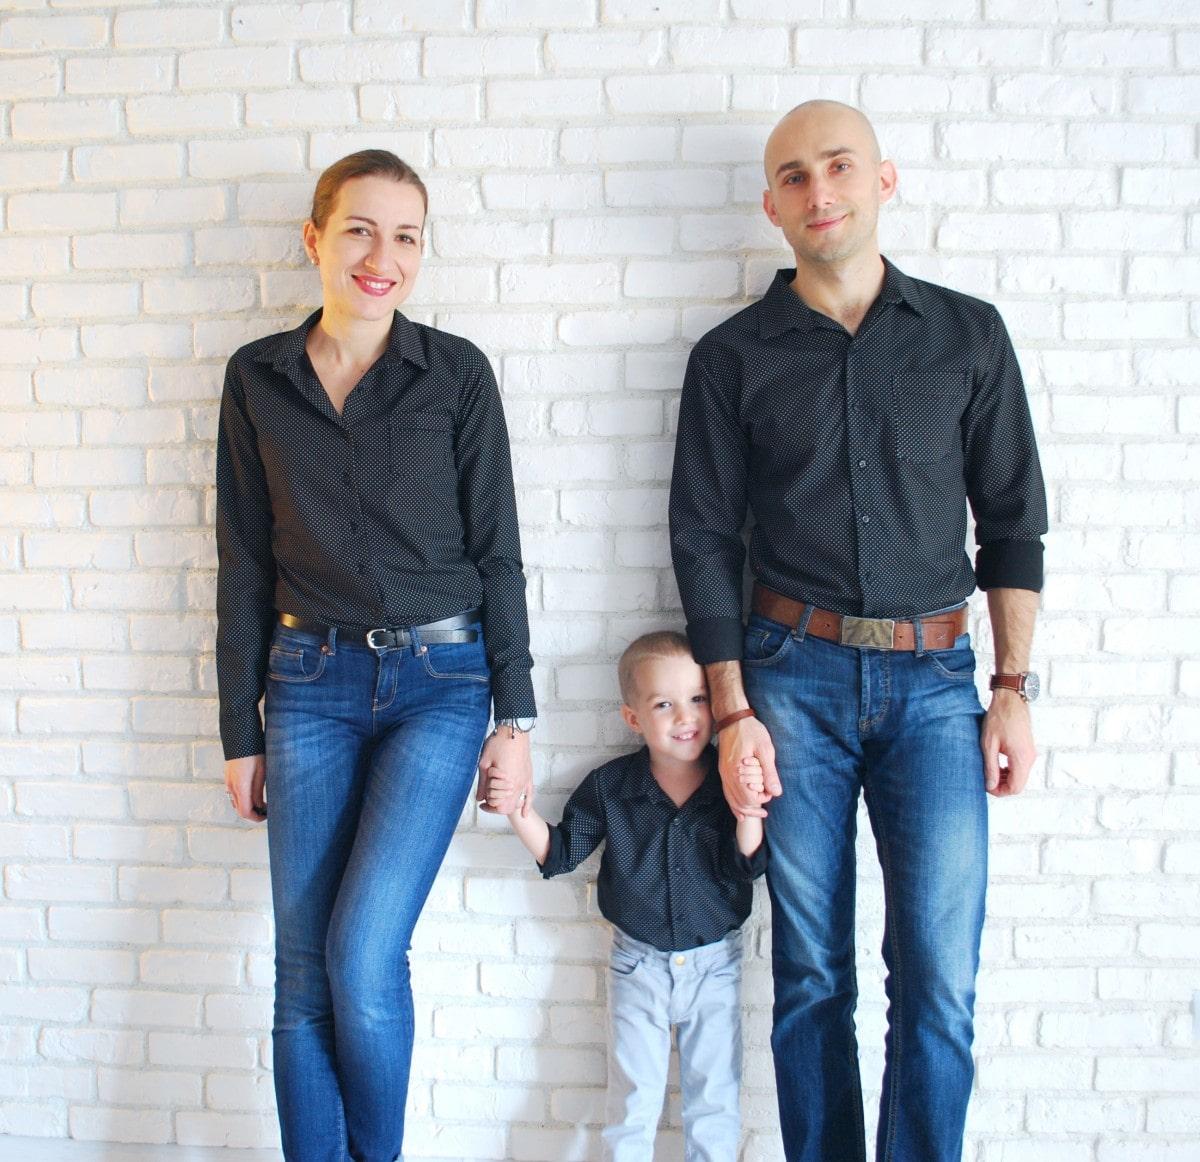 camasi negre maneca lunga - mama tata si copil 1